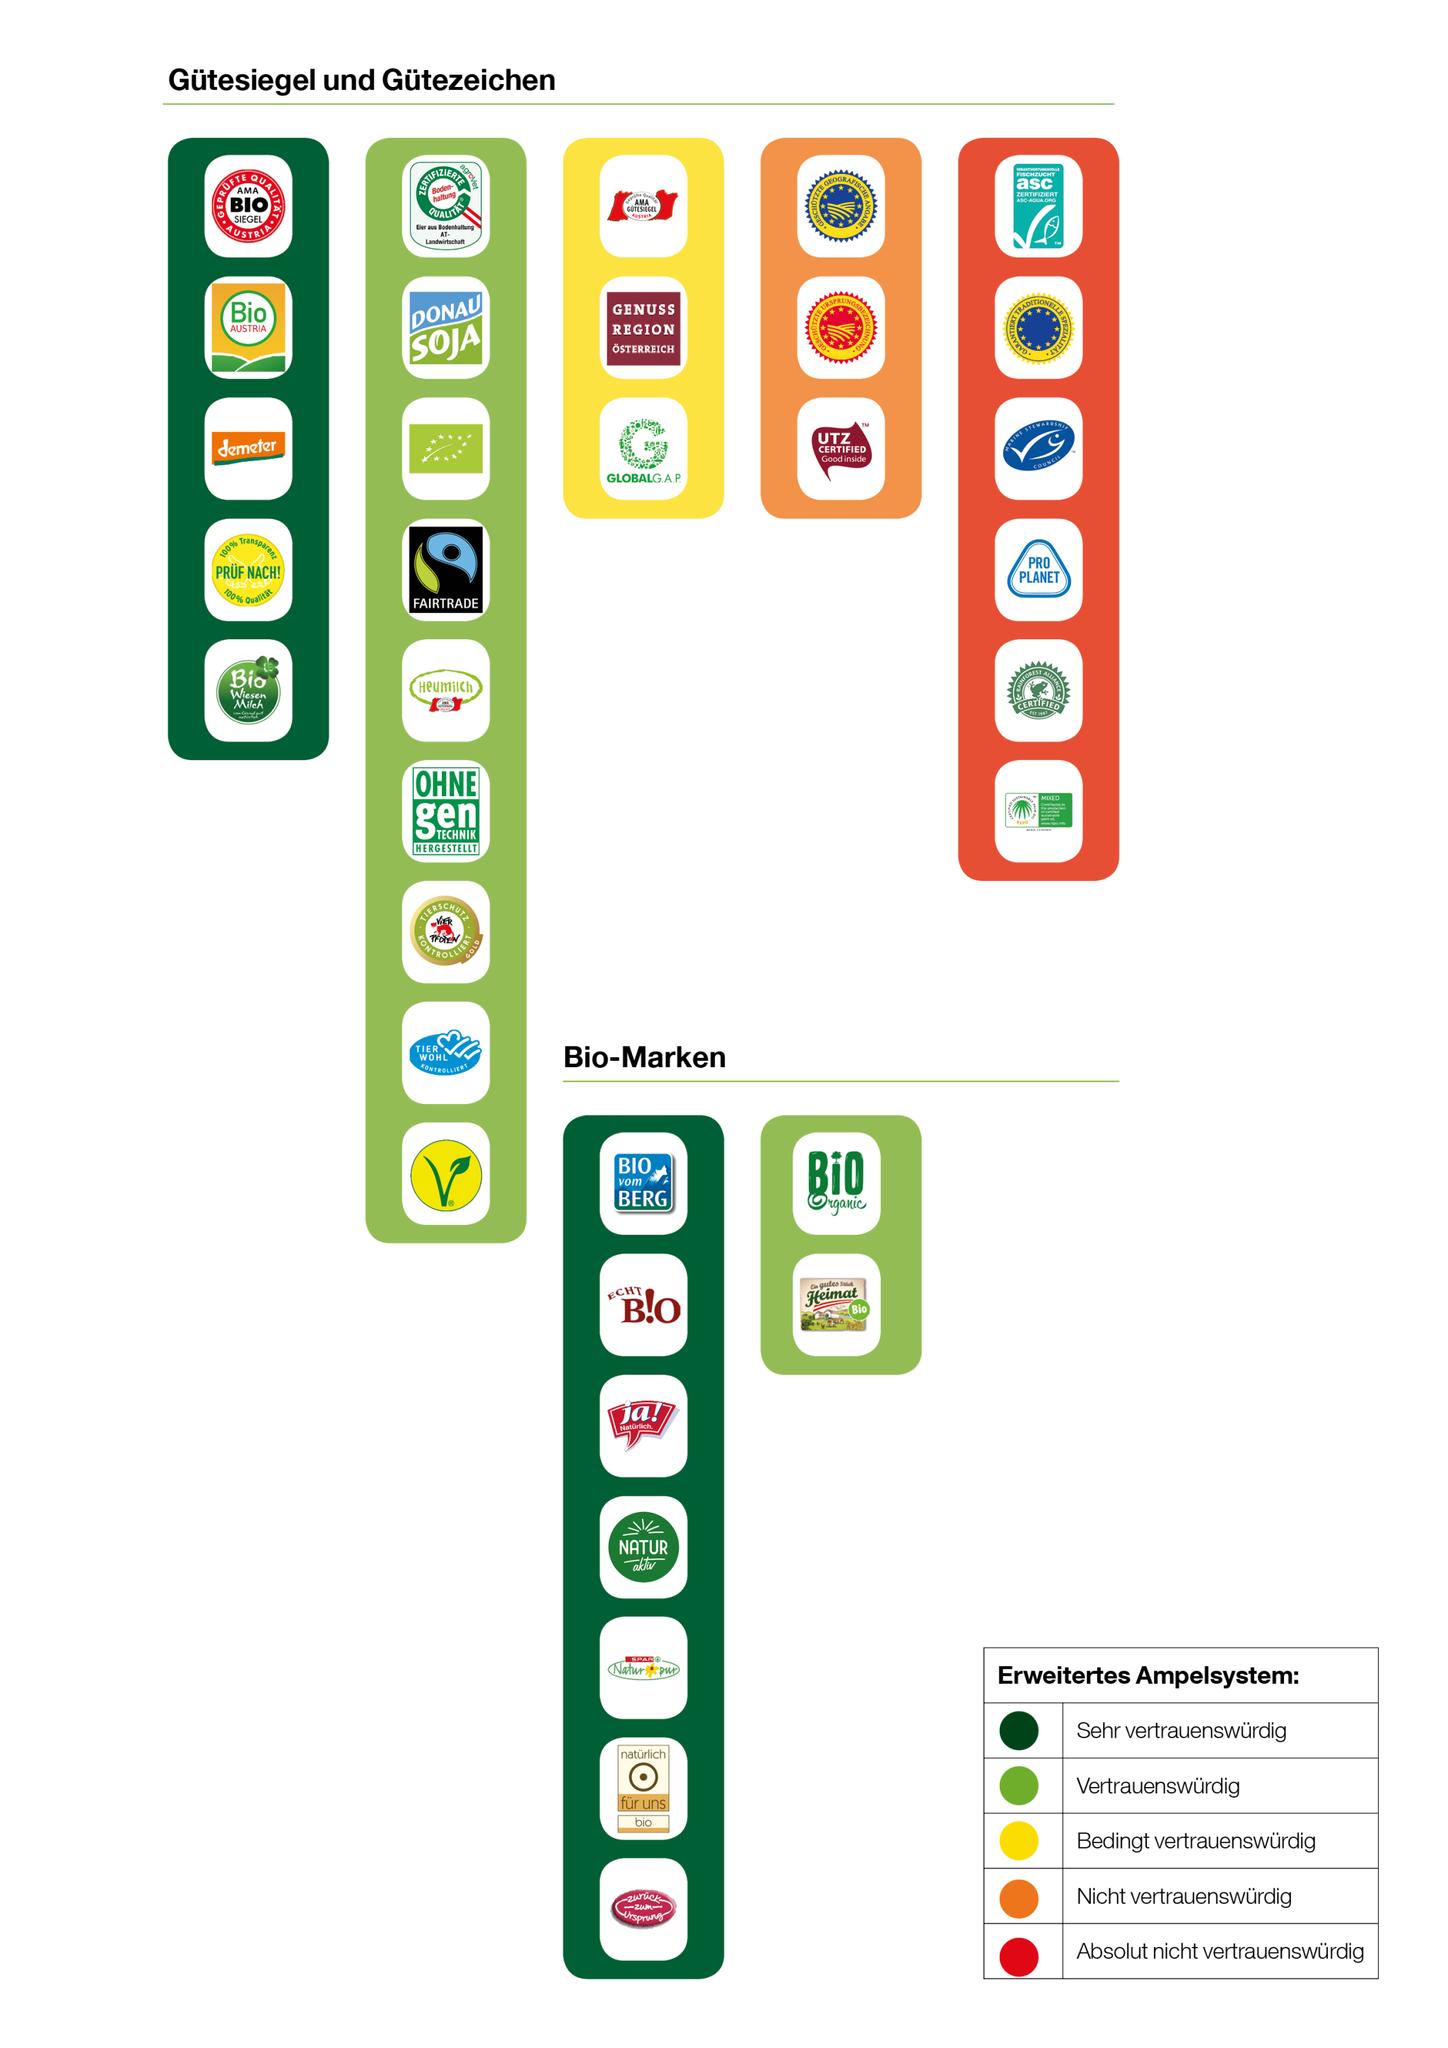 Bewertungen Lebensmittel Siegel Greenpeace